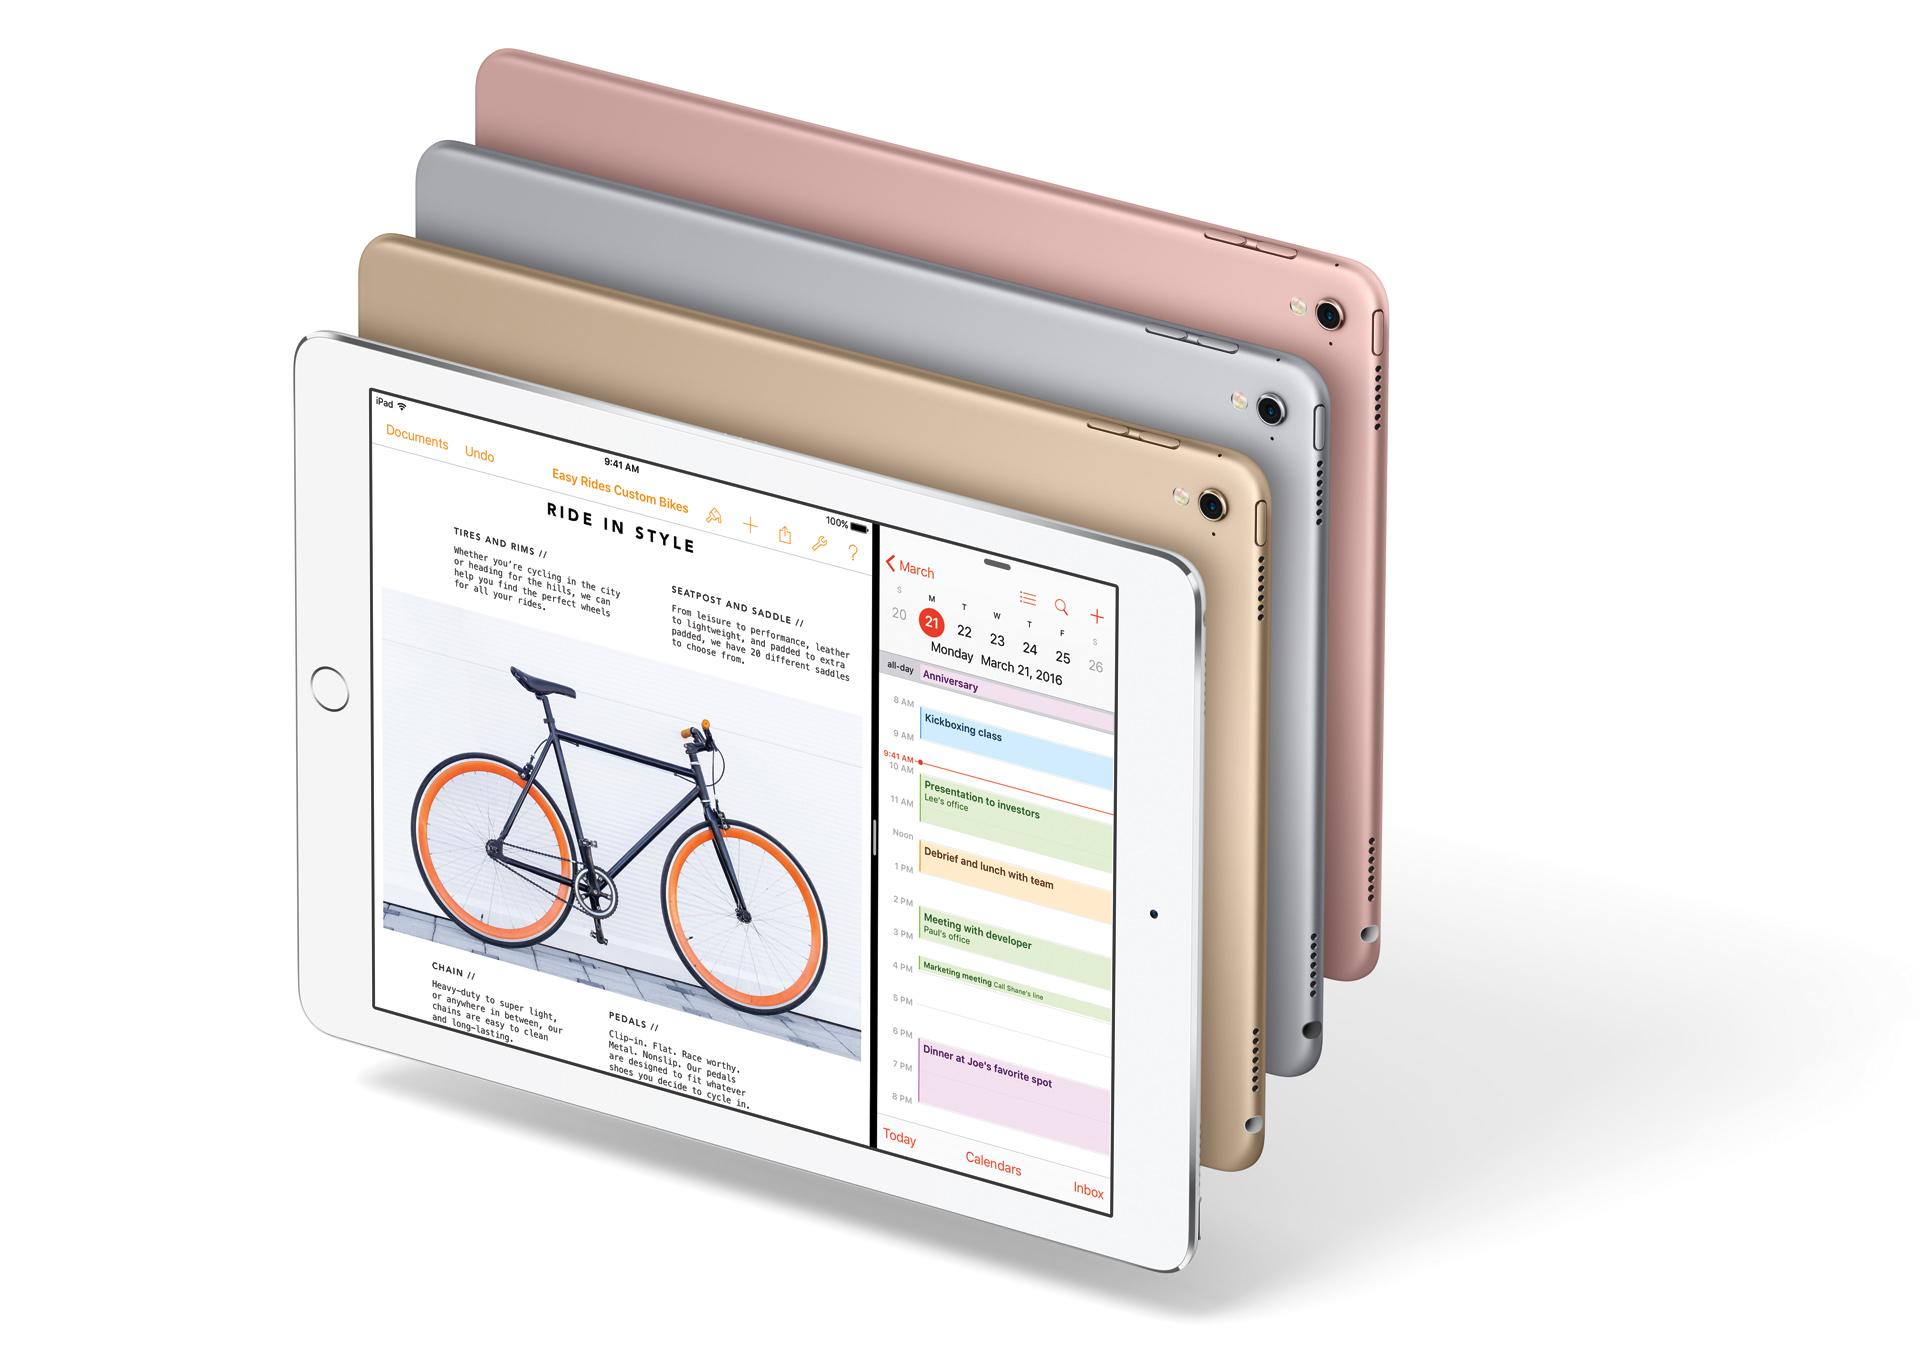 ドコモ、9.7インチ「iPad Pro」を発売。24日16時1分より予約受付スタート